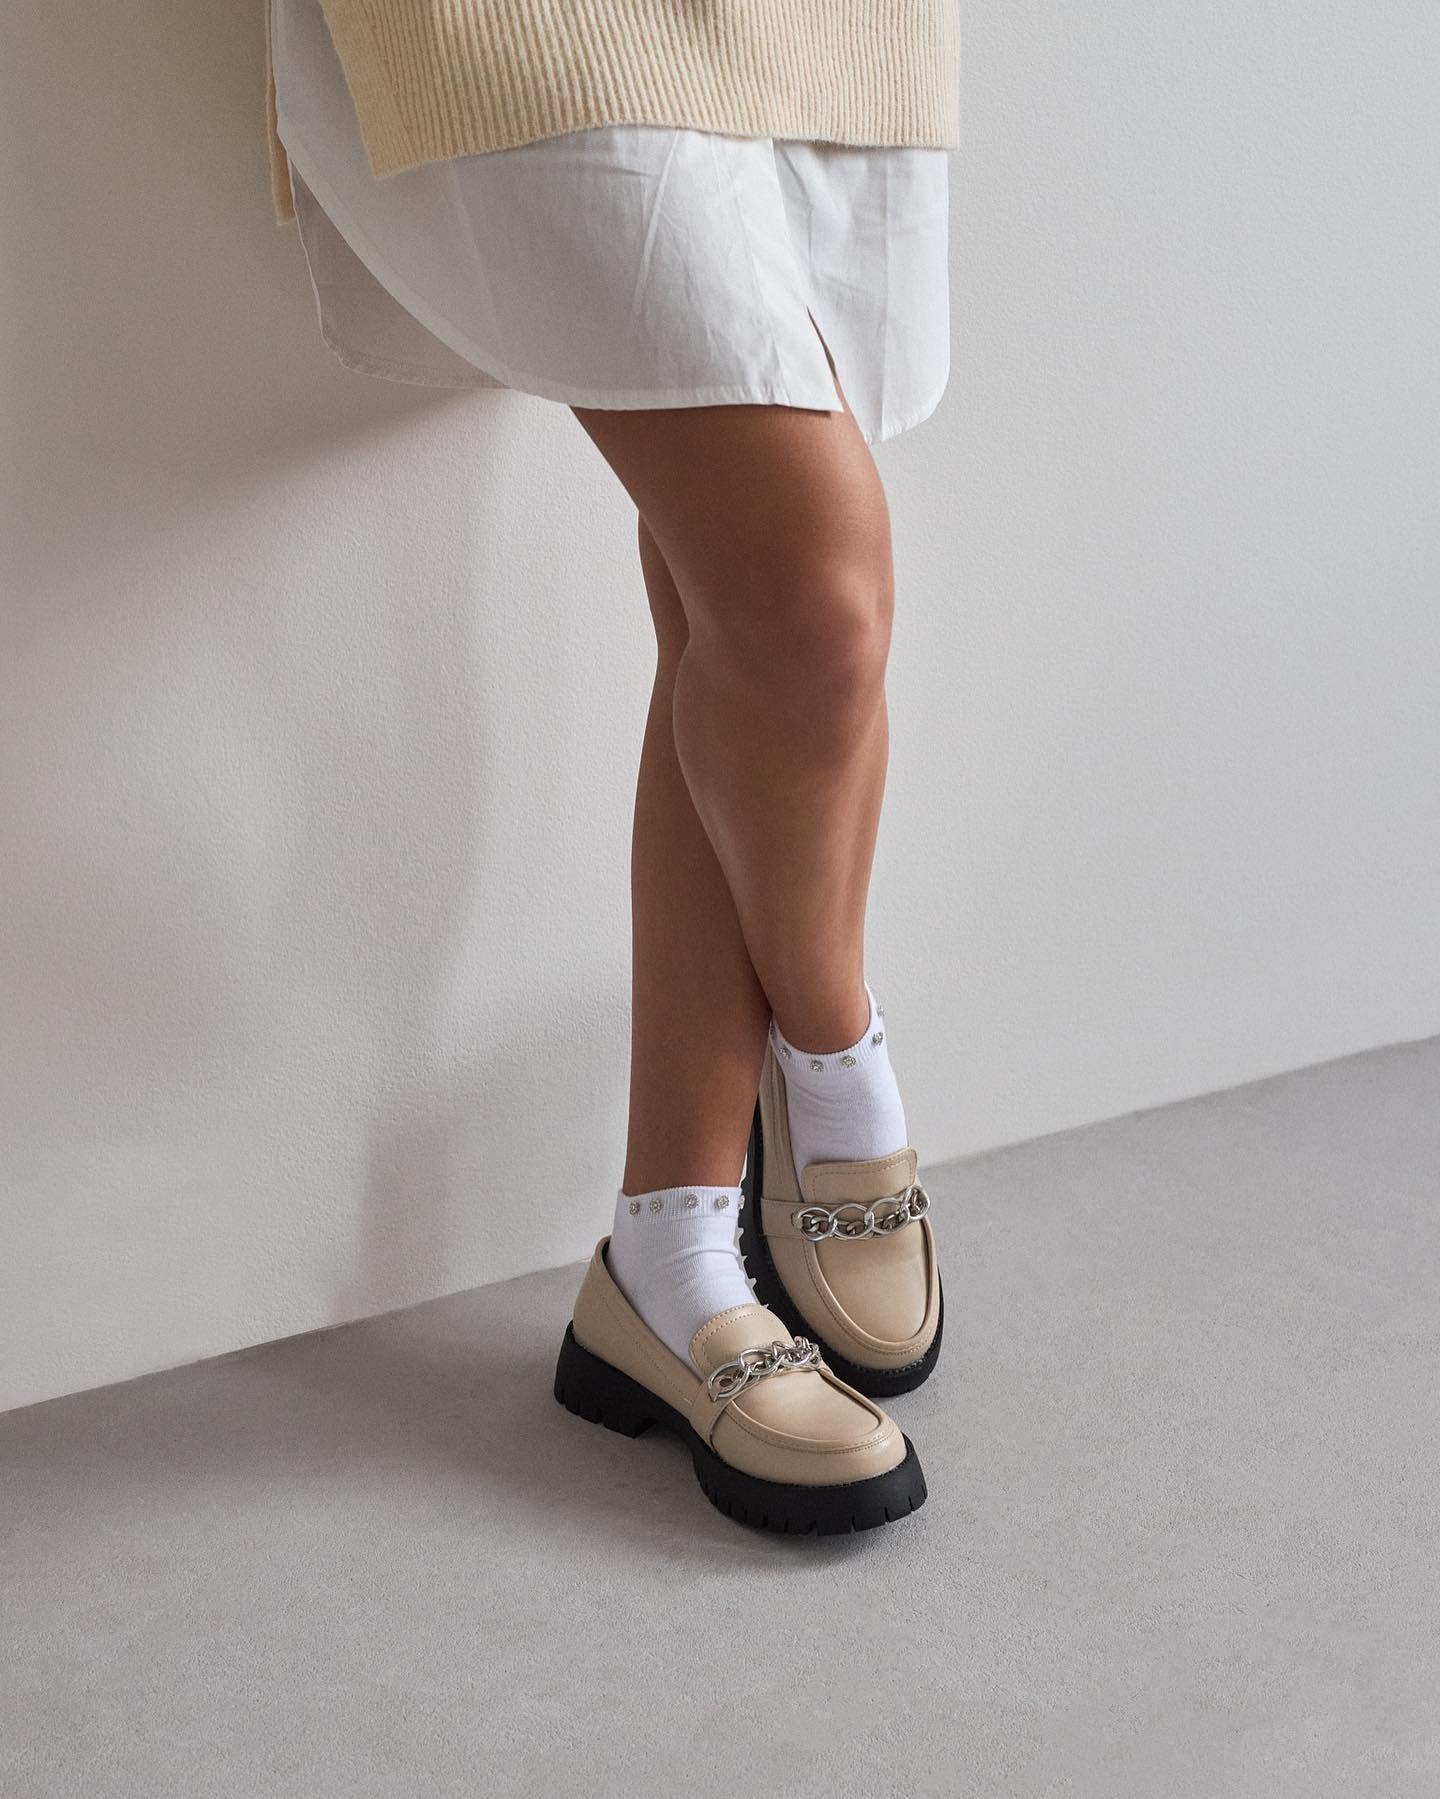 My sme trendu mokasín s ponožkami podľahli 😍 buď túto kombinaciu miluješ alebo nie 🙃 ak sme ulahodili aj tebe, tak sa poponáhľaj, pretože na eshope nájdeš už len posledné kusy týchto krások 🥰🙏🏻